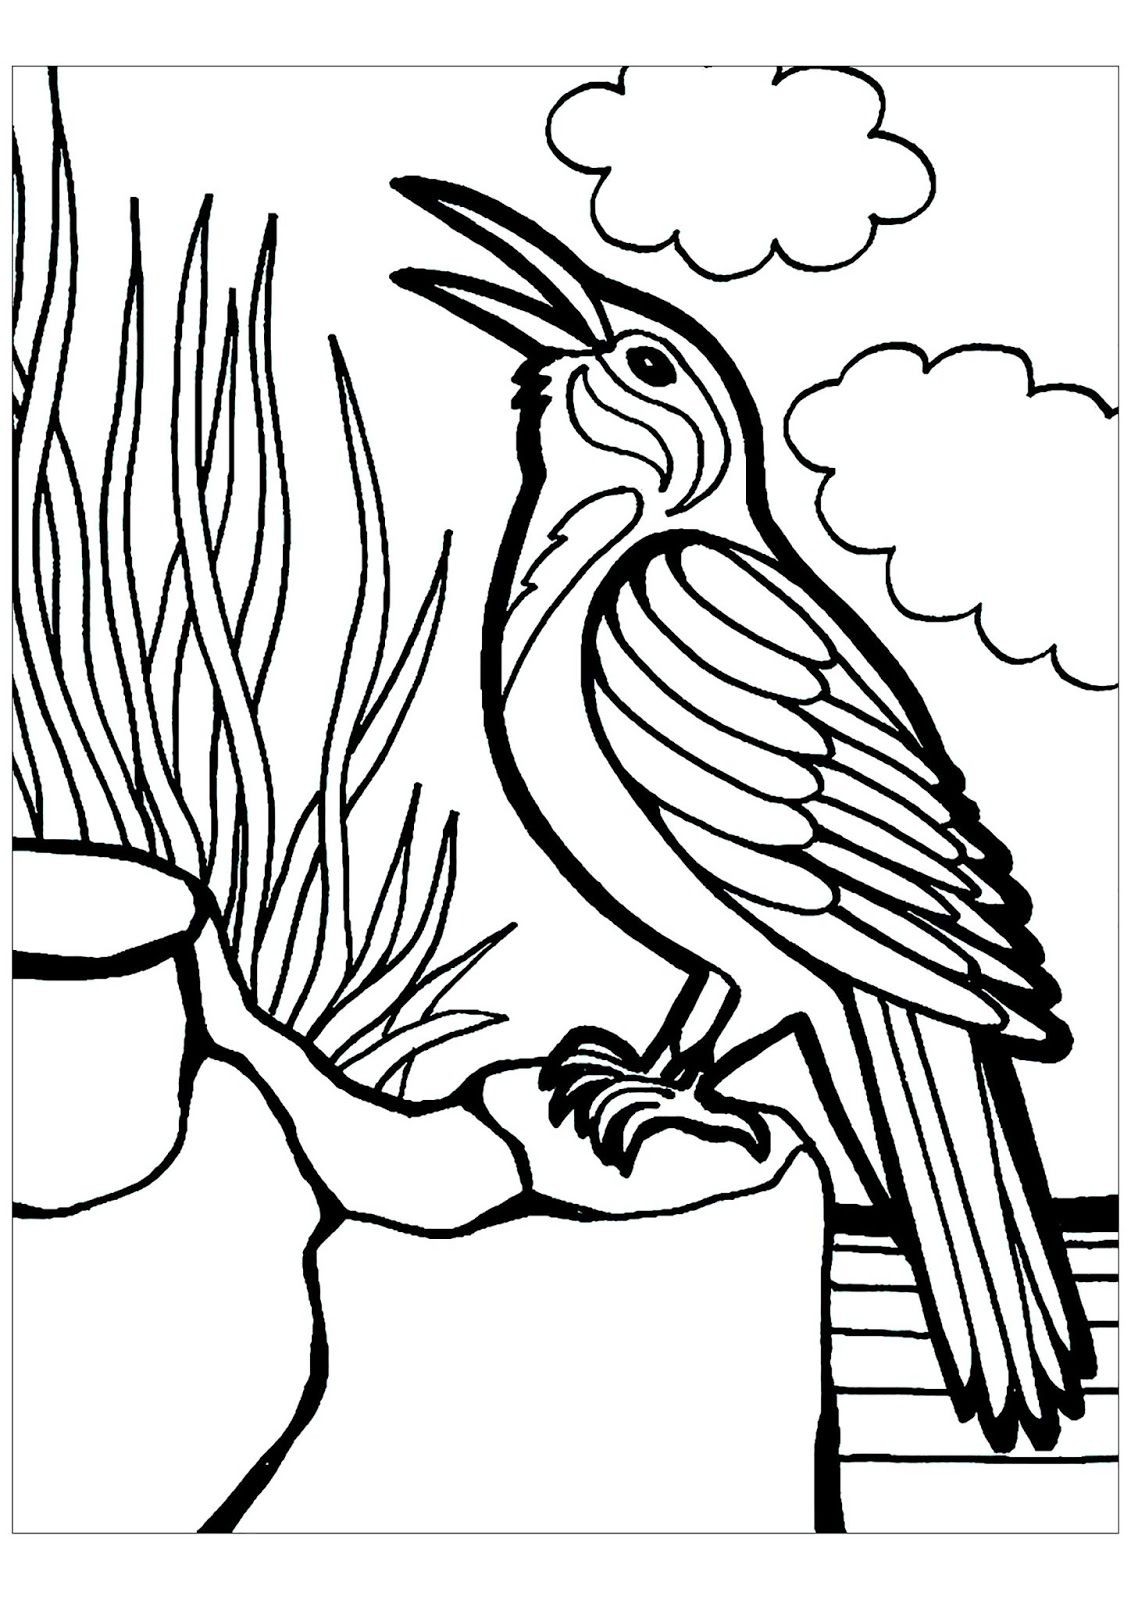 Tranh tô màu con chim đẹp, sắc nét